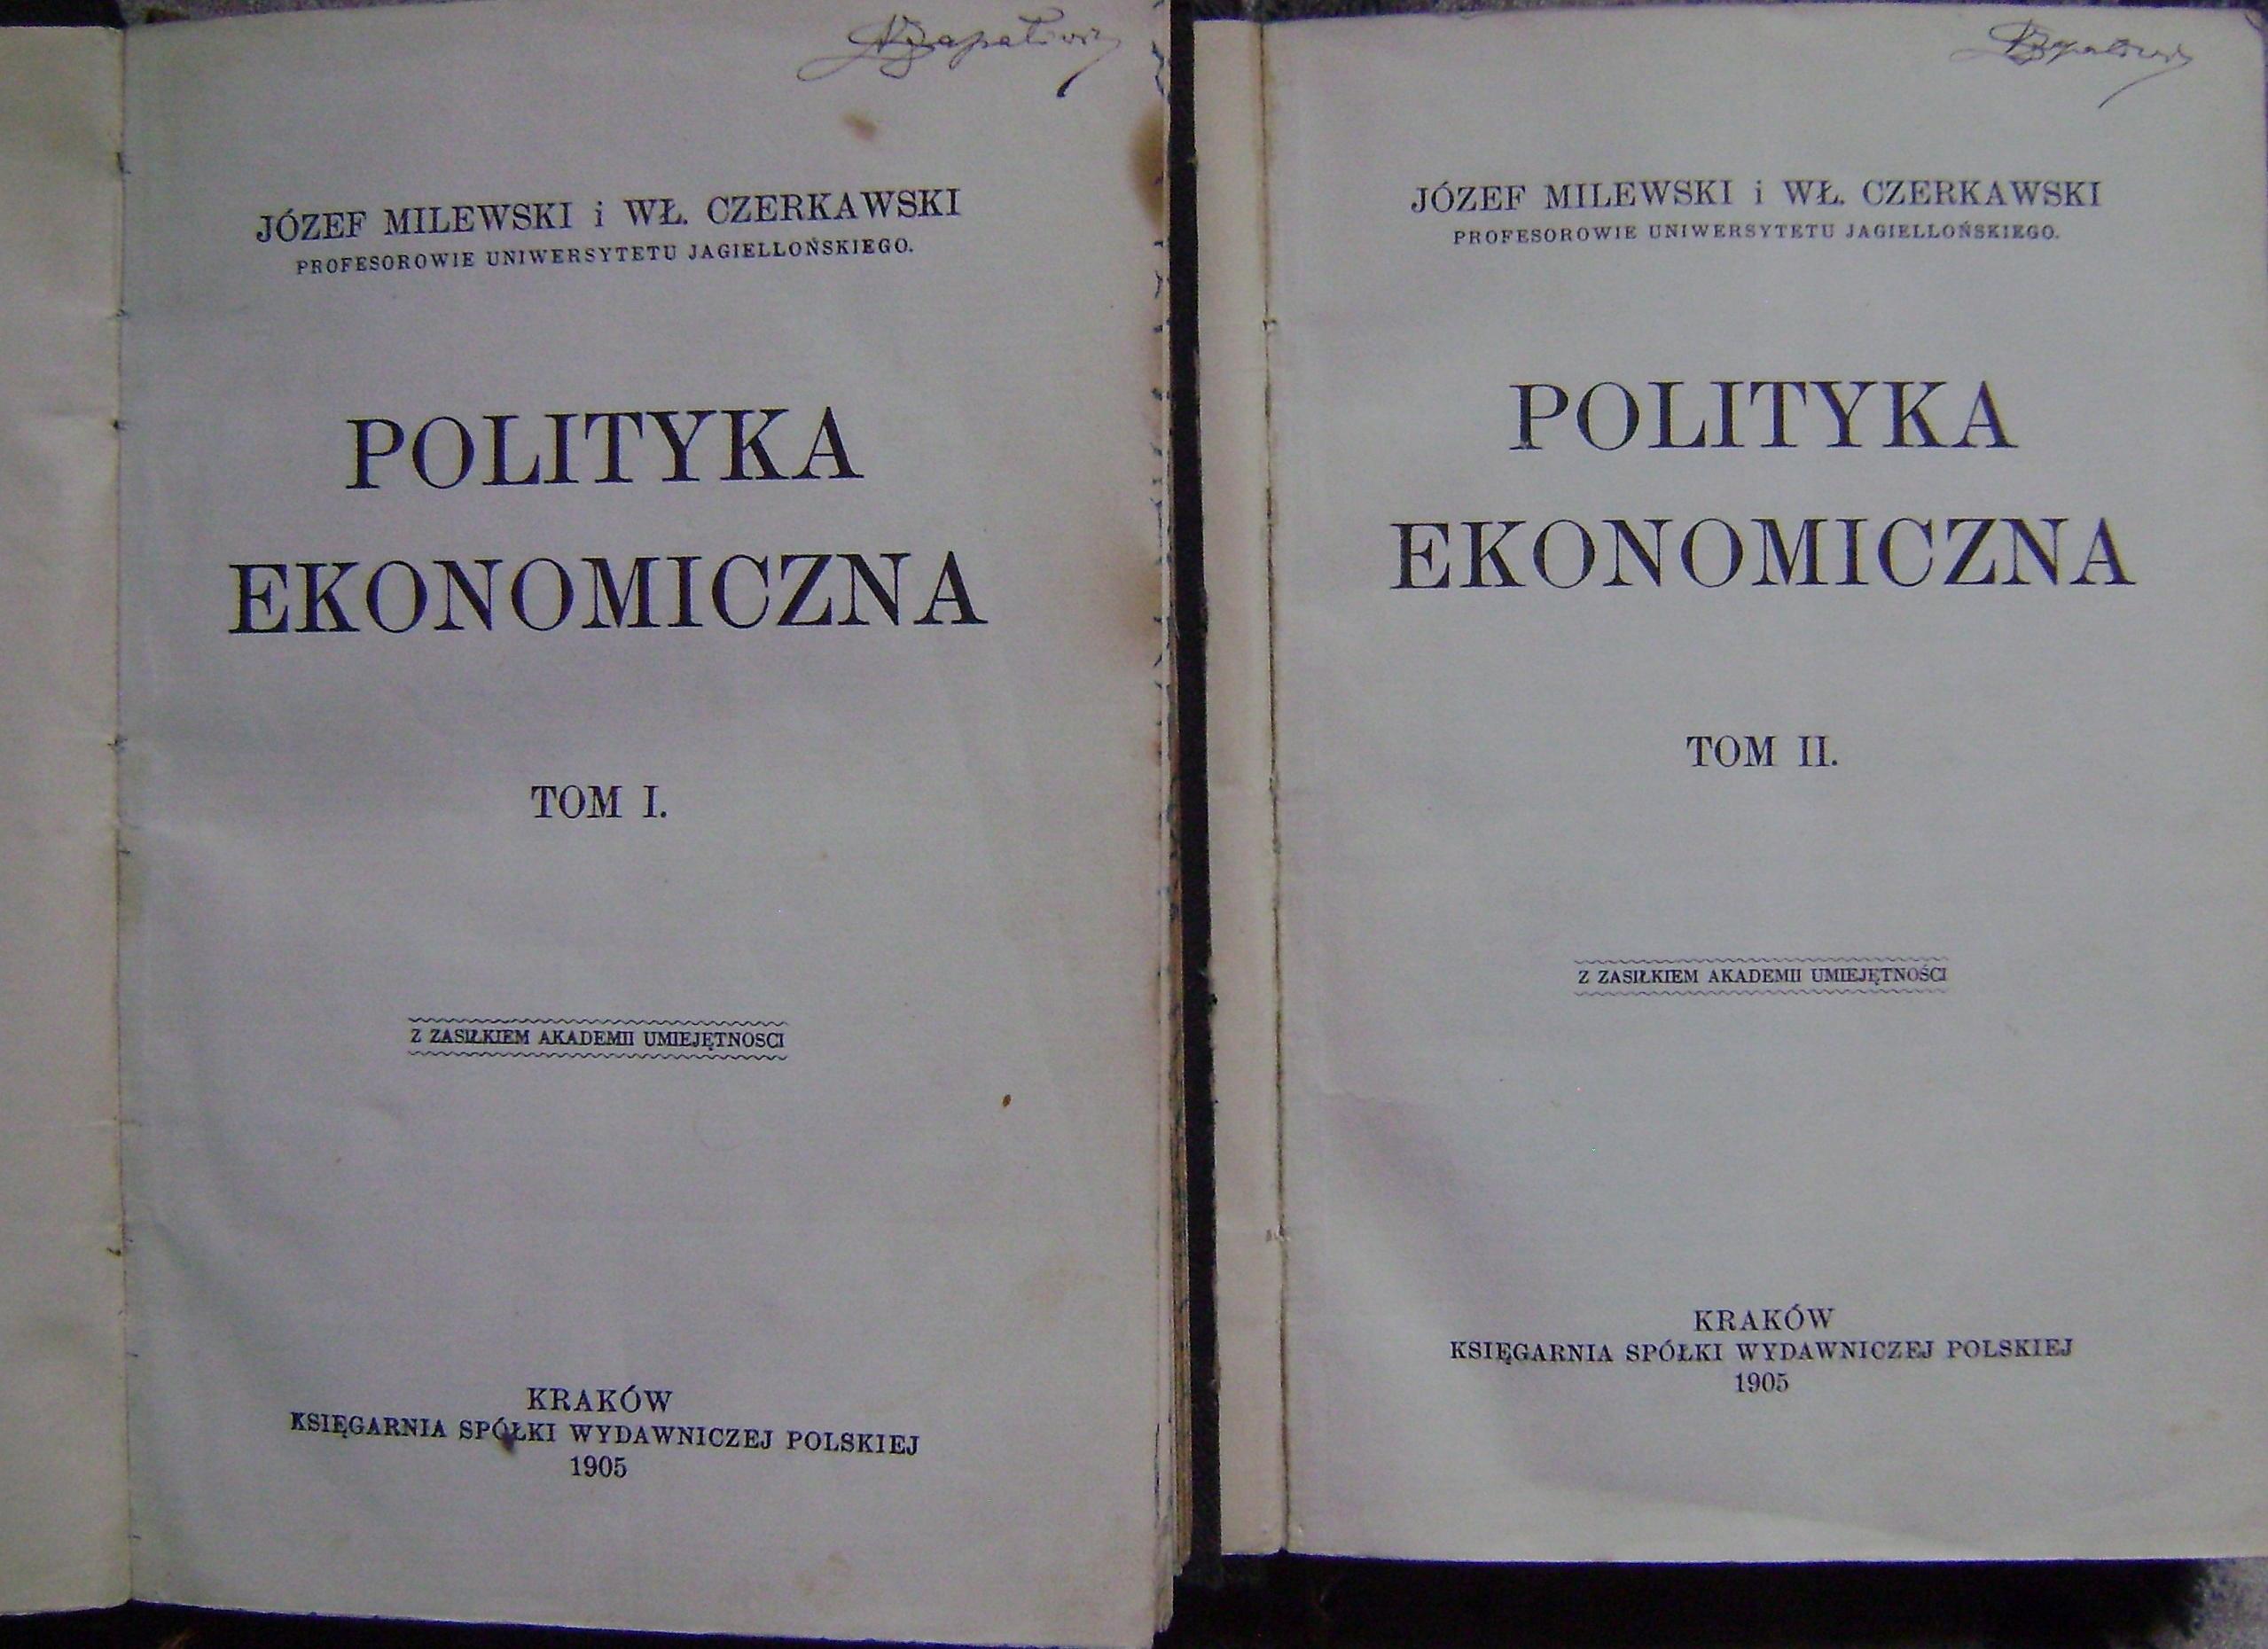 CZERKAWSKI MILEWSKI -POLITYKA EKONOMICZNA -tom 1-2